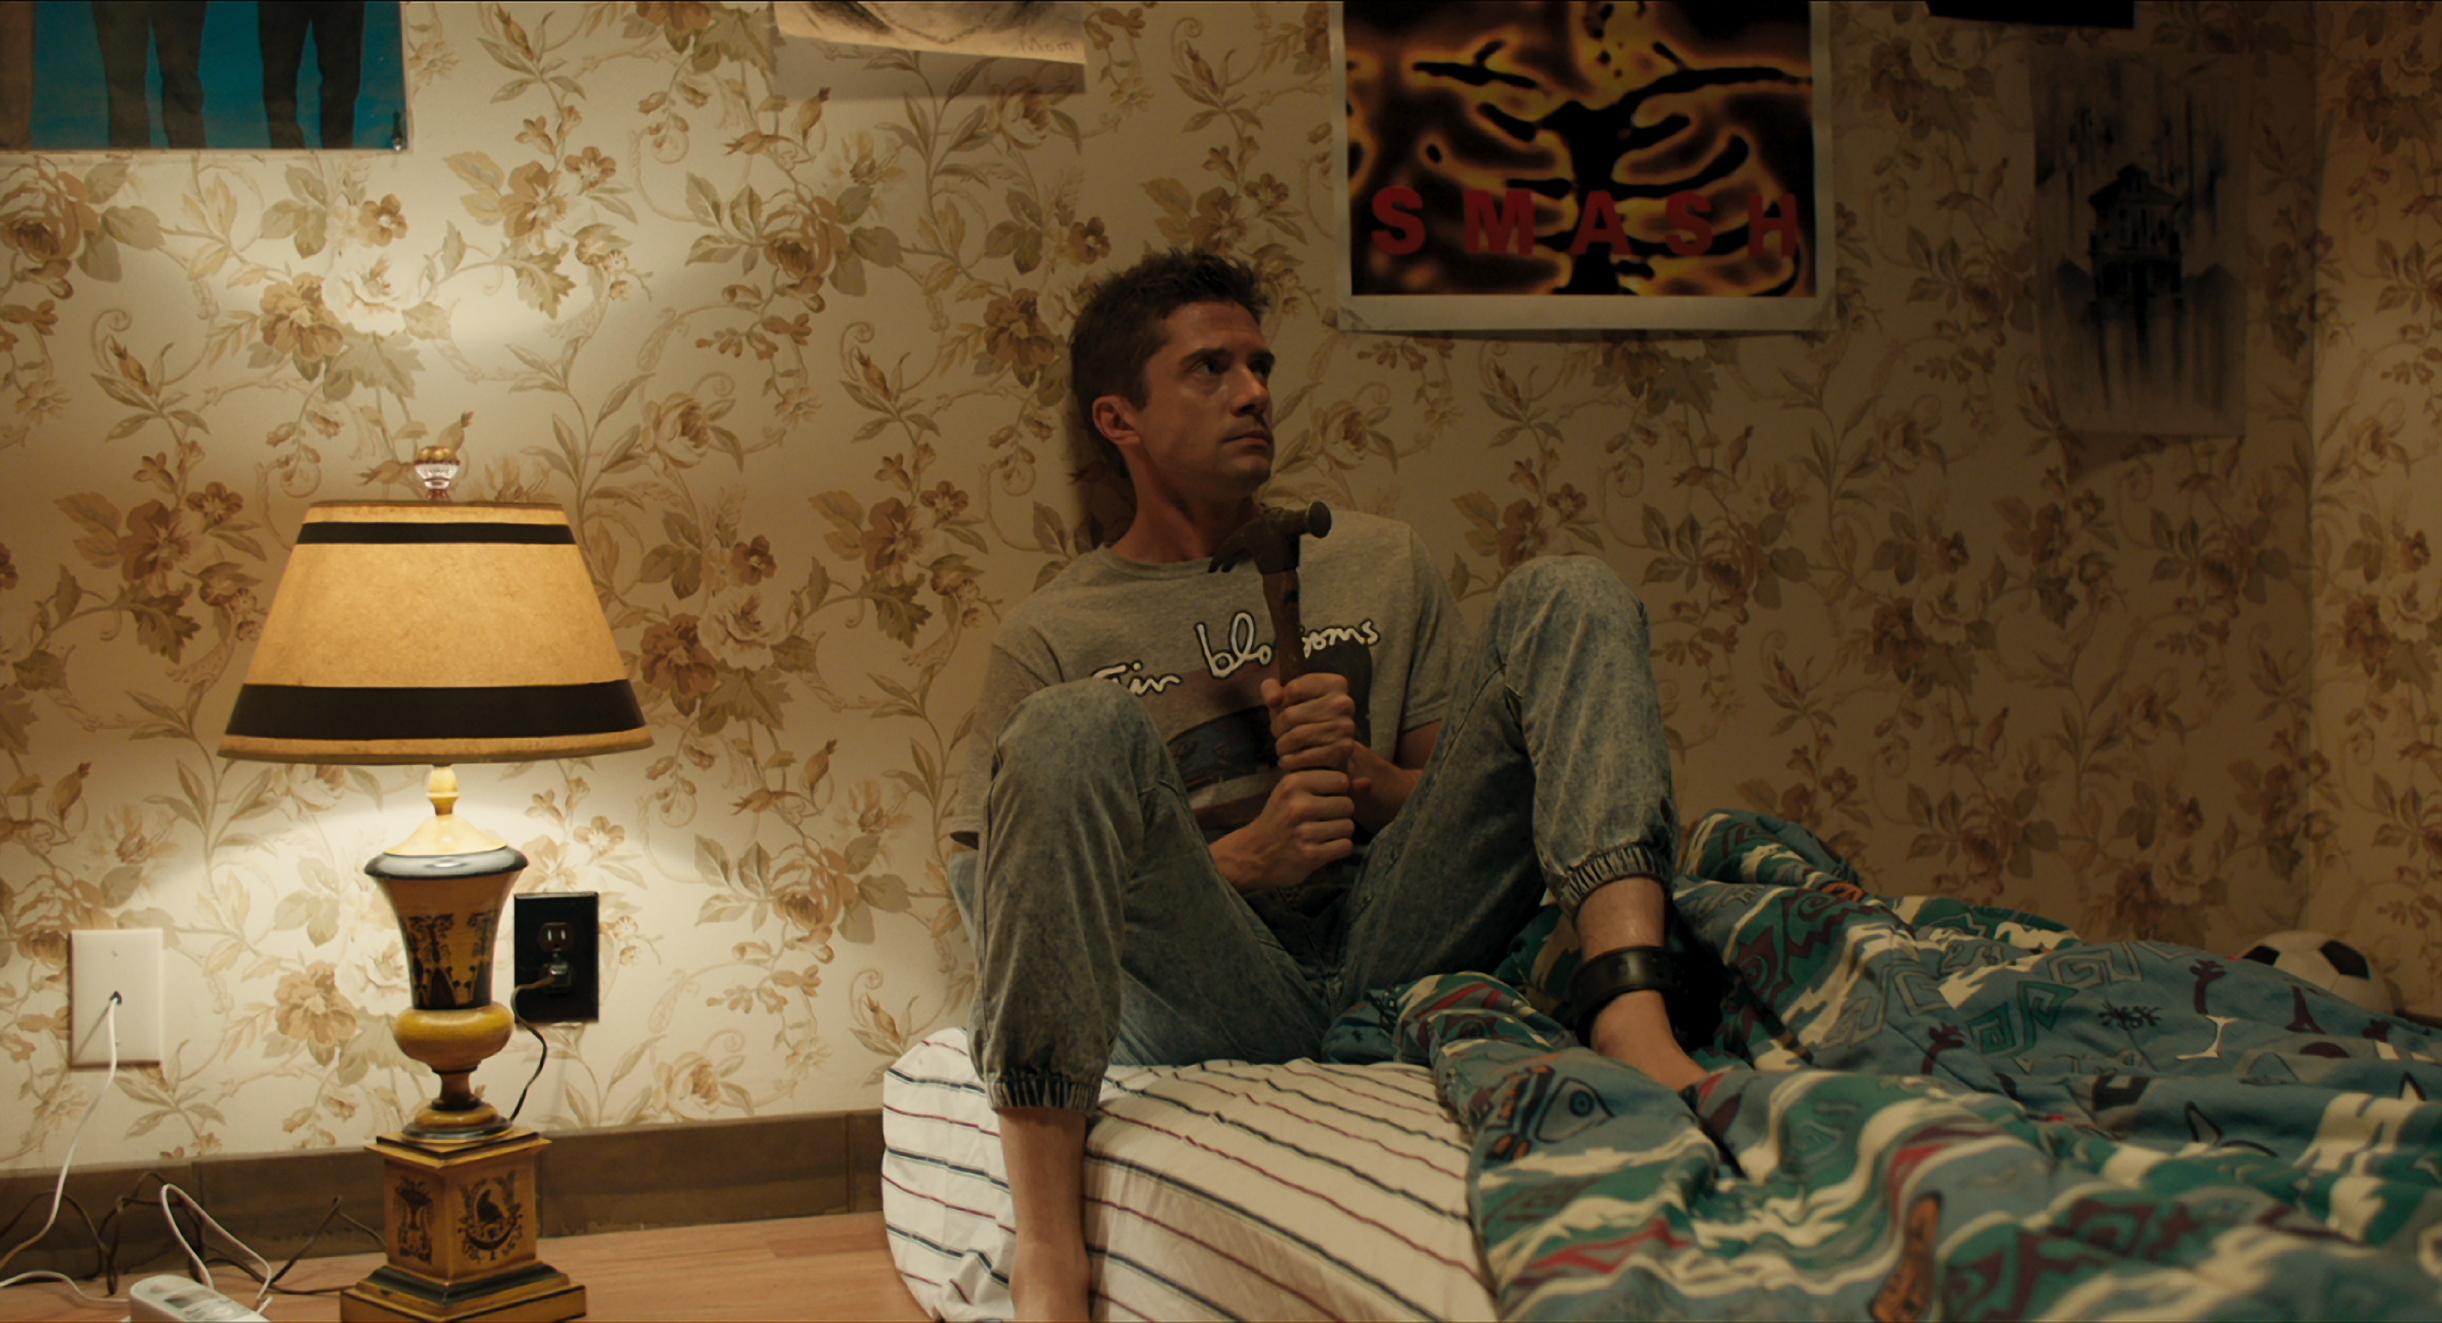 Обсуждаем фильмы.. только что просмотренные или вдруг вспомнившиеся.. - 14 - Страница 7 Delirium_6